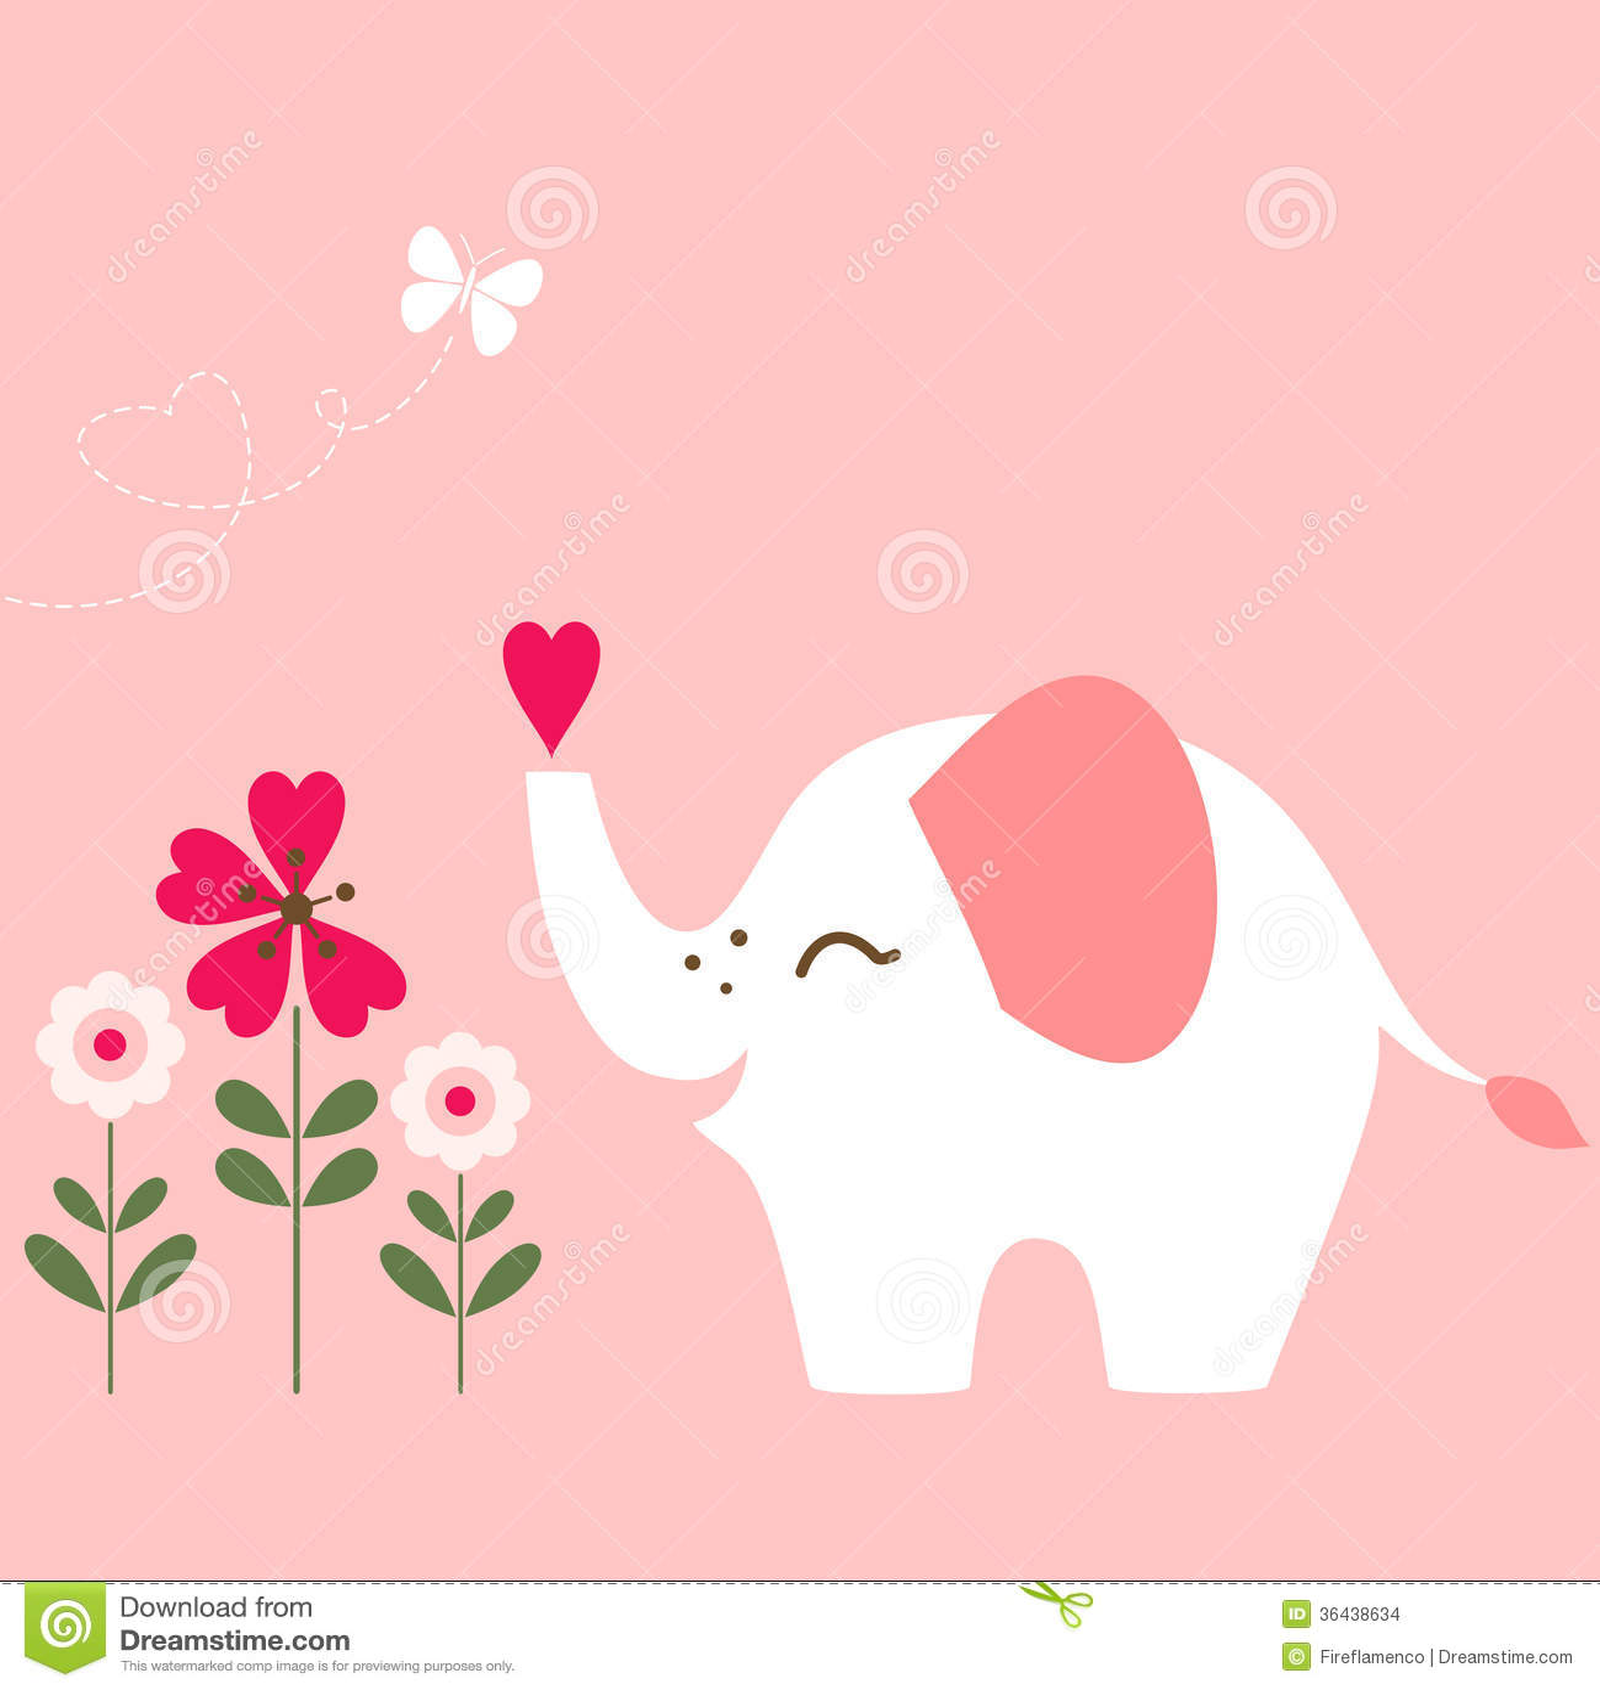 Valentine Elephant Images Image 36438634 – Elephant Valentines Card